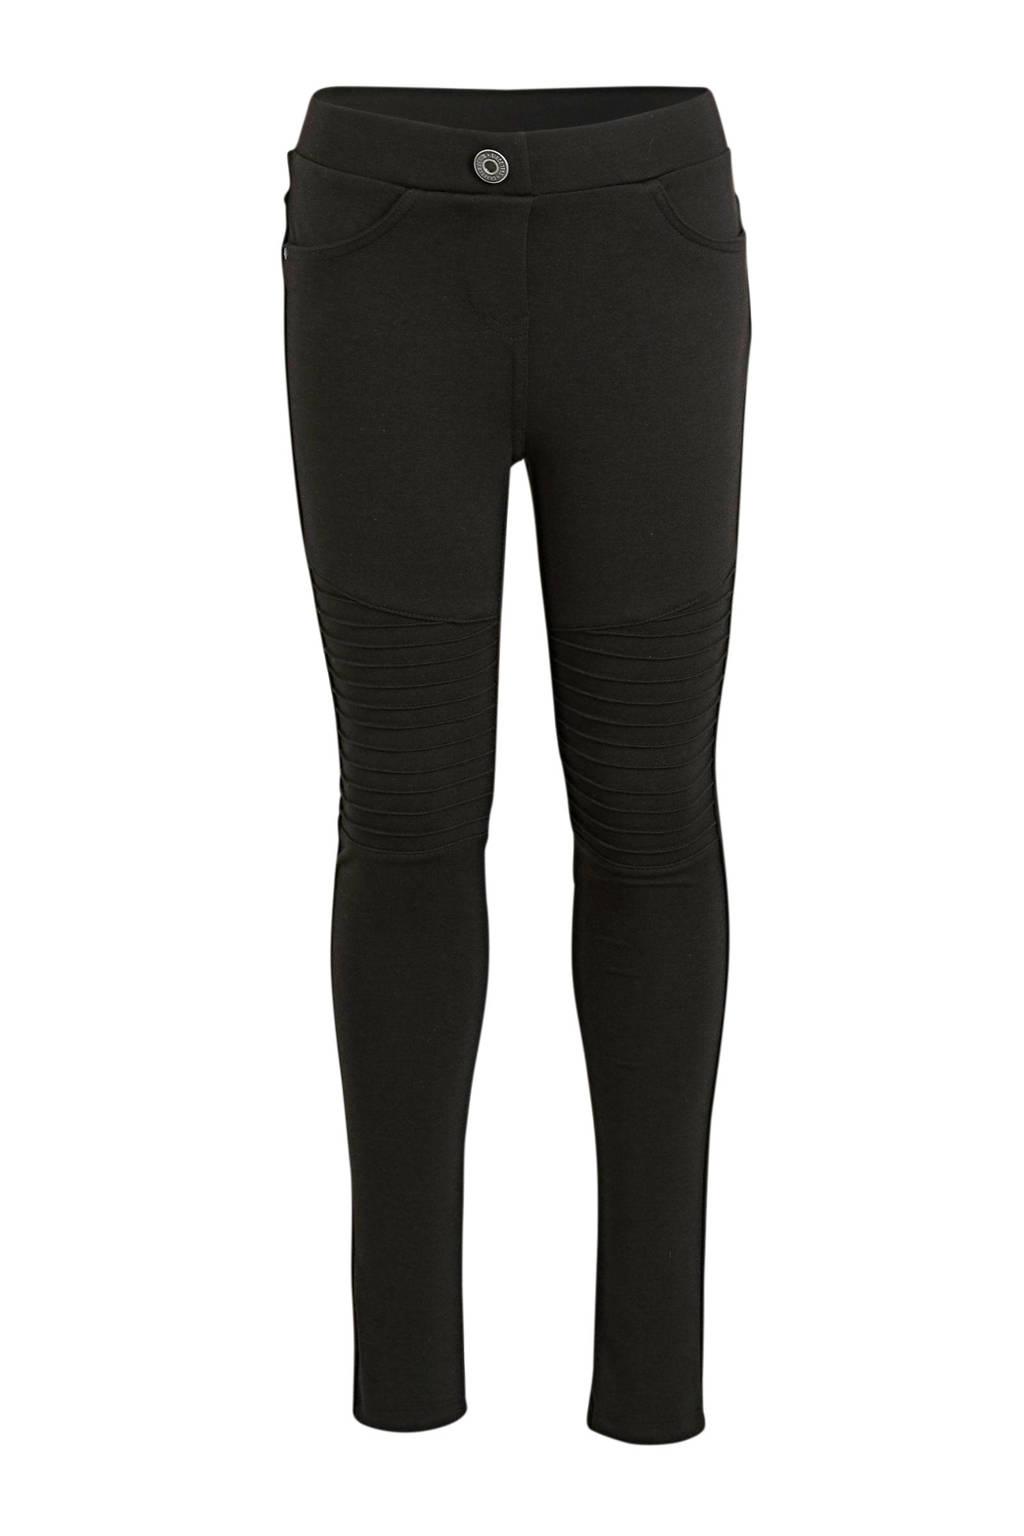 C&A Here & There broek met textuur zwart, Zwart